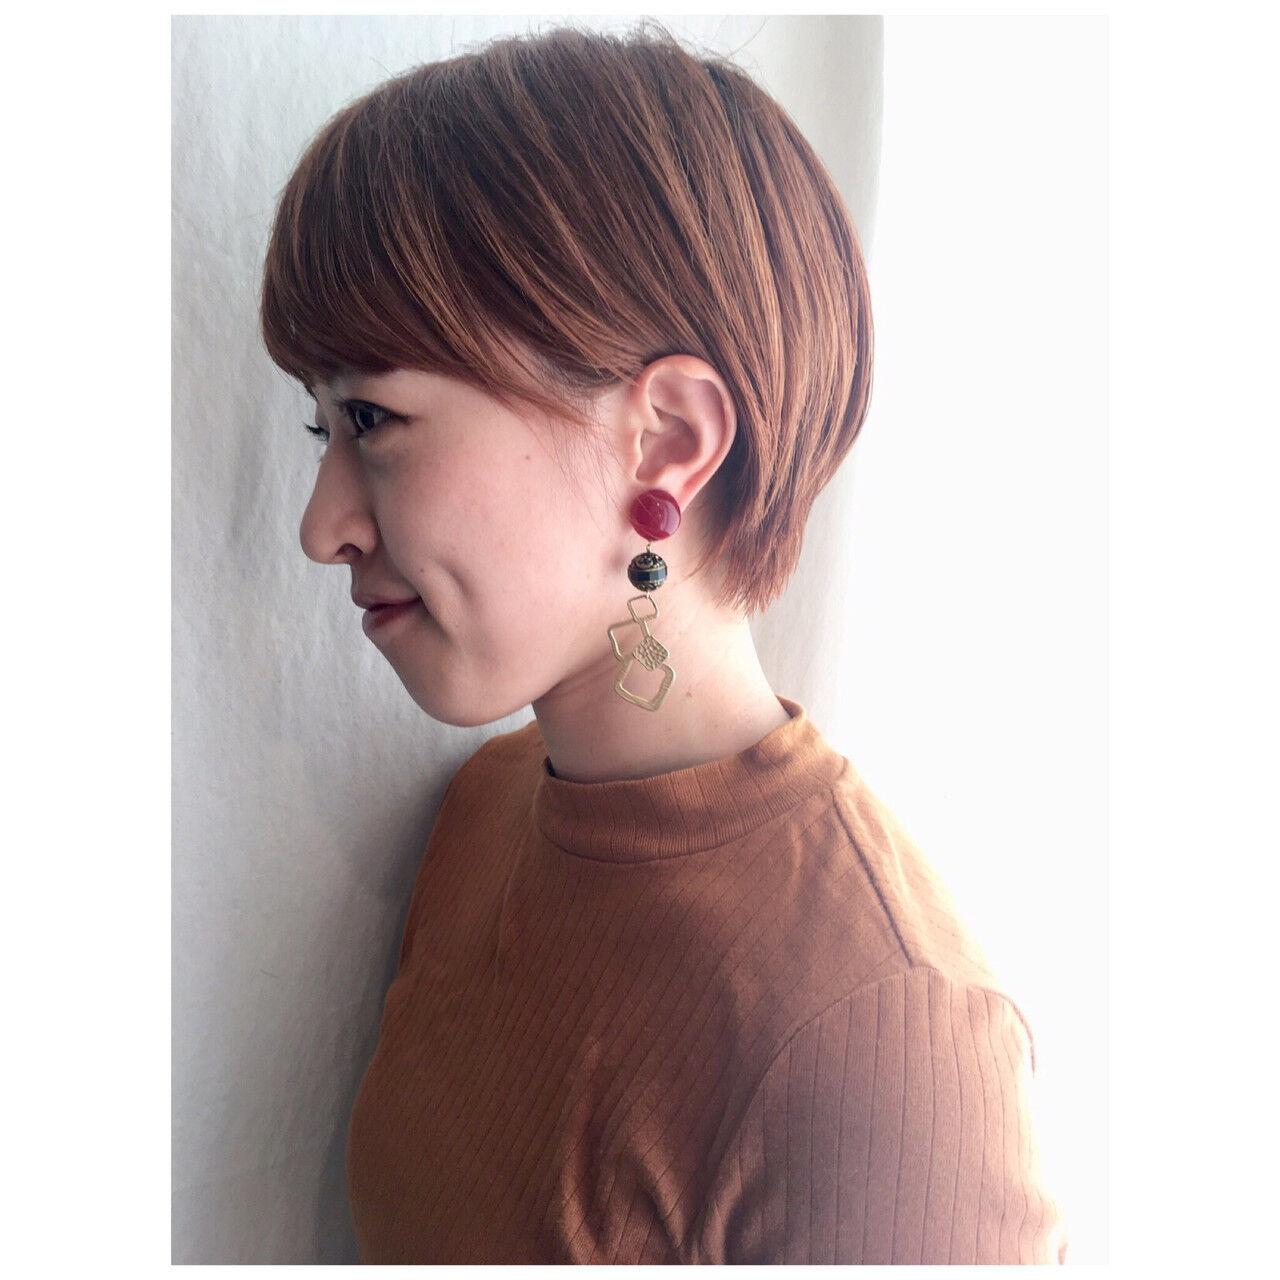 ミニボブ ナチュラル ショート ショートボブヘアスタイルや髪型の写真・画像